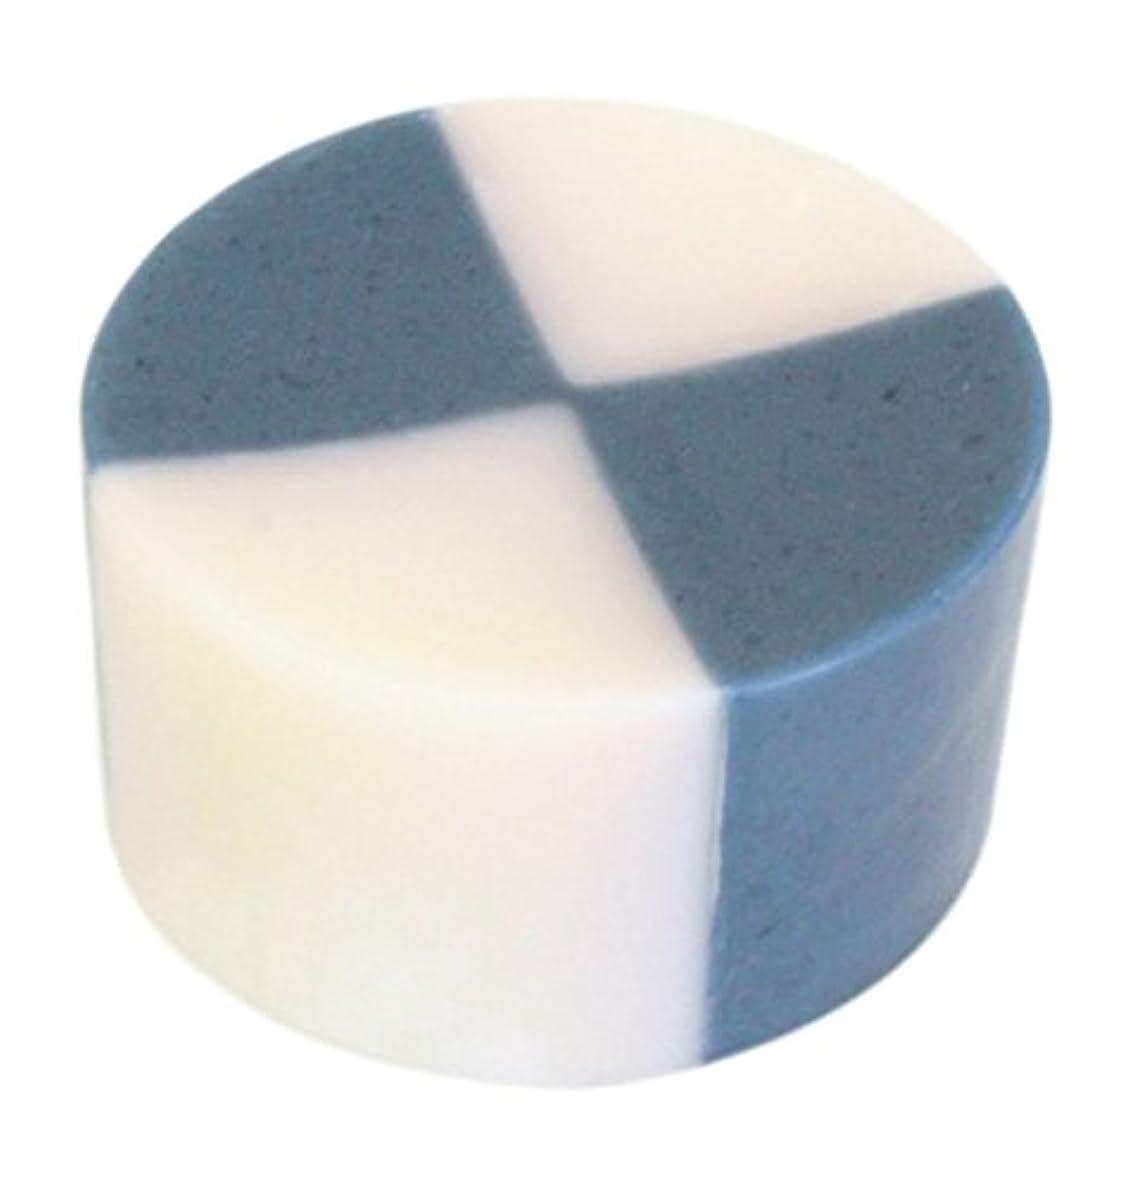 藍色工房 藍染め石けん「いちまつ」(60g)